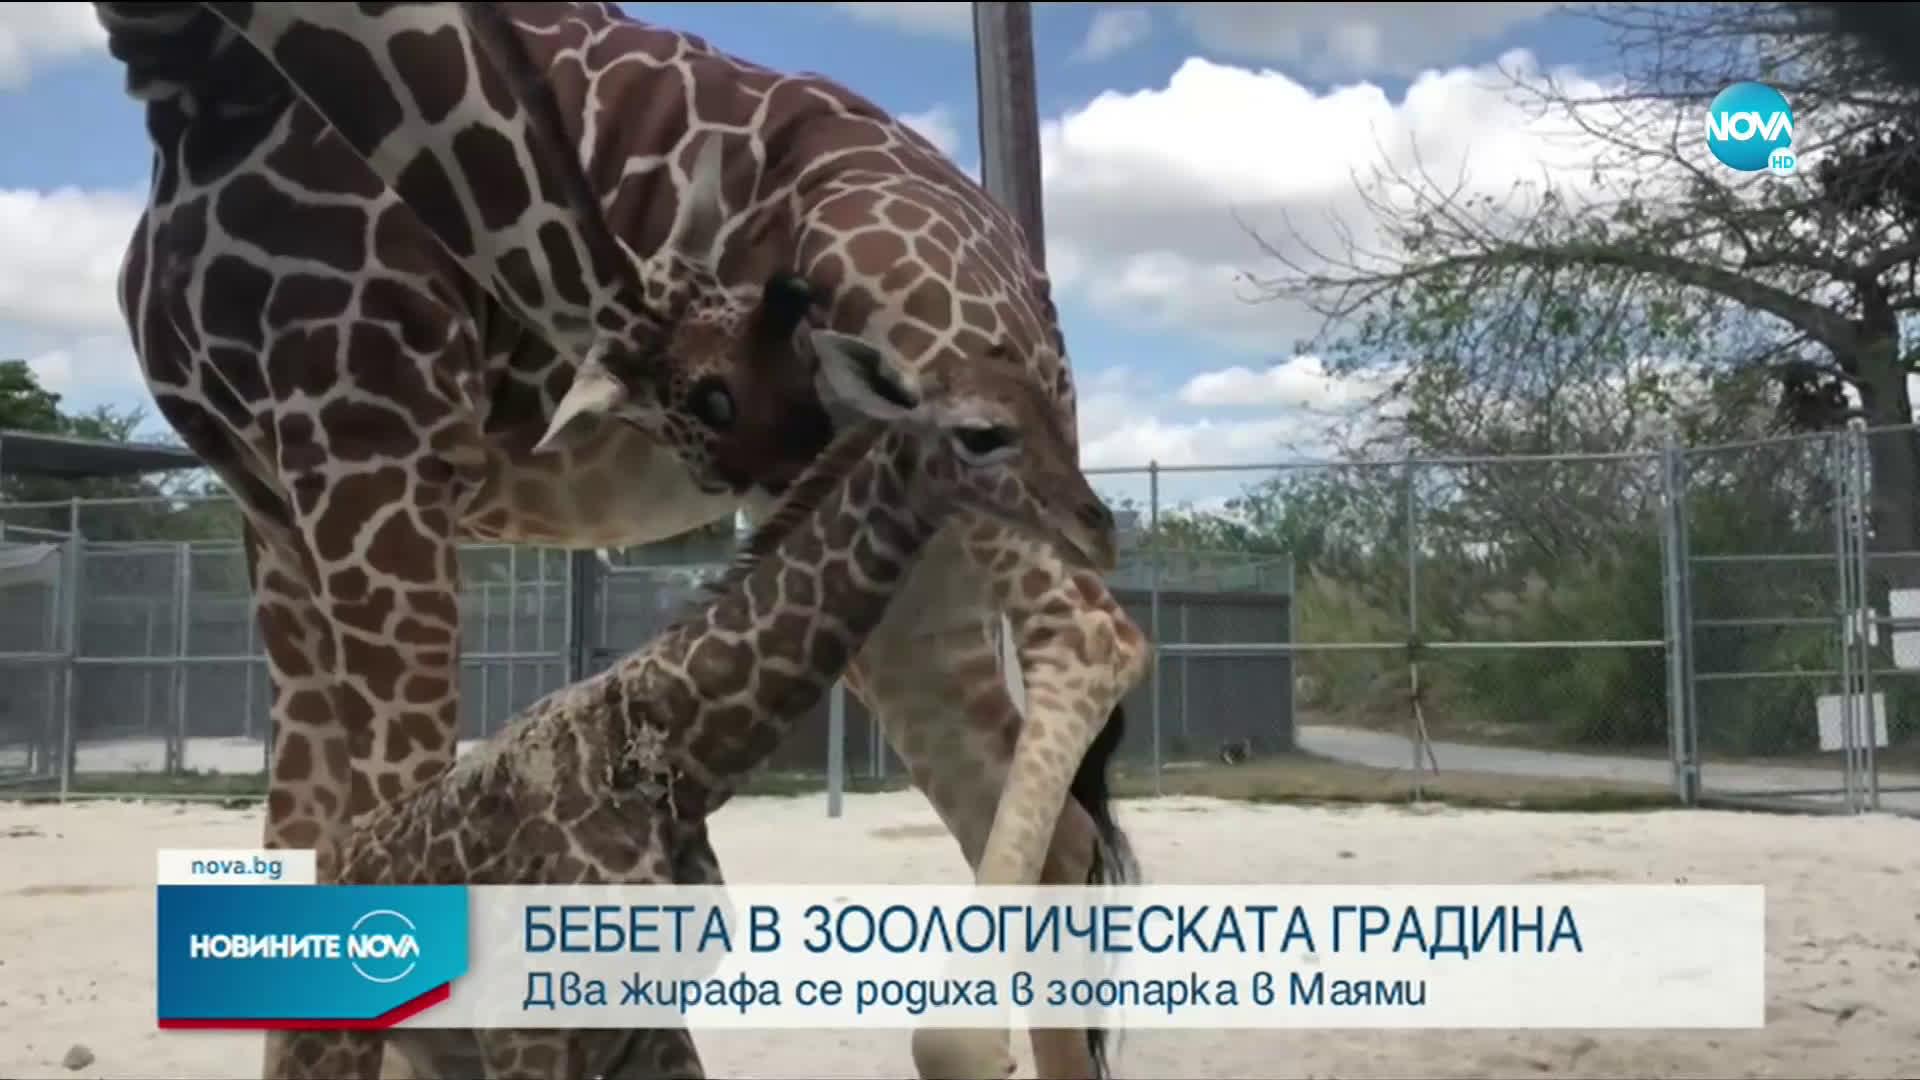 Два жирафа се родиха в зоопарка в Маями